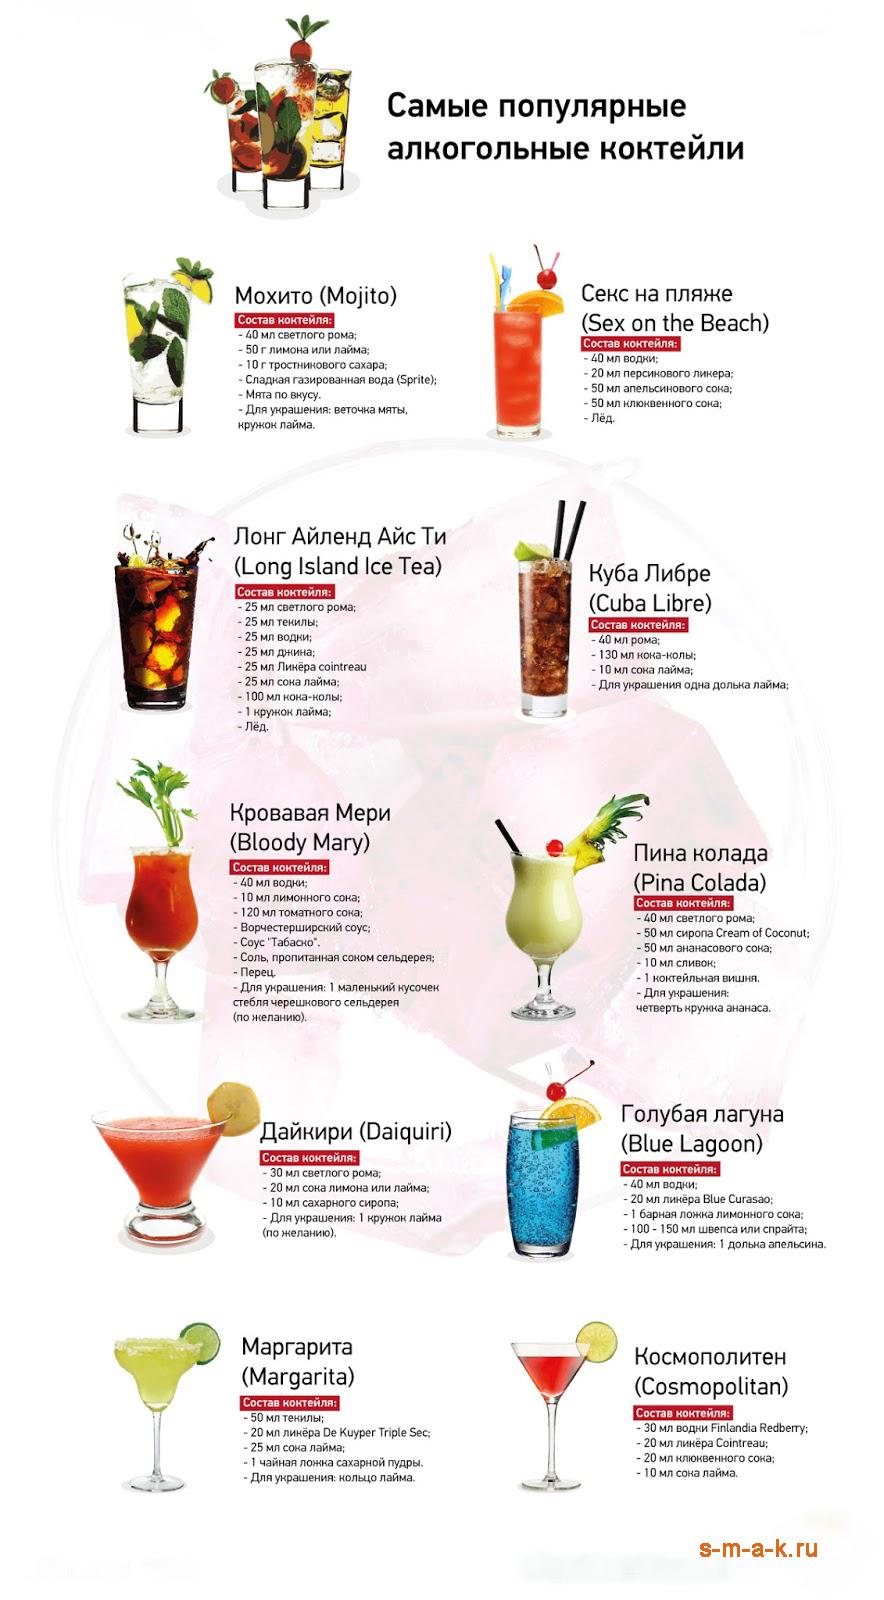 Вкусные безалкогольные коктейли рецепты простые и вкусные